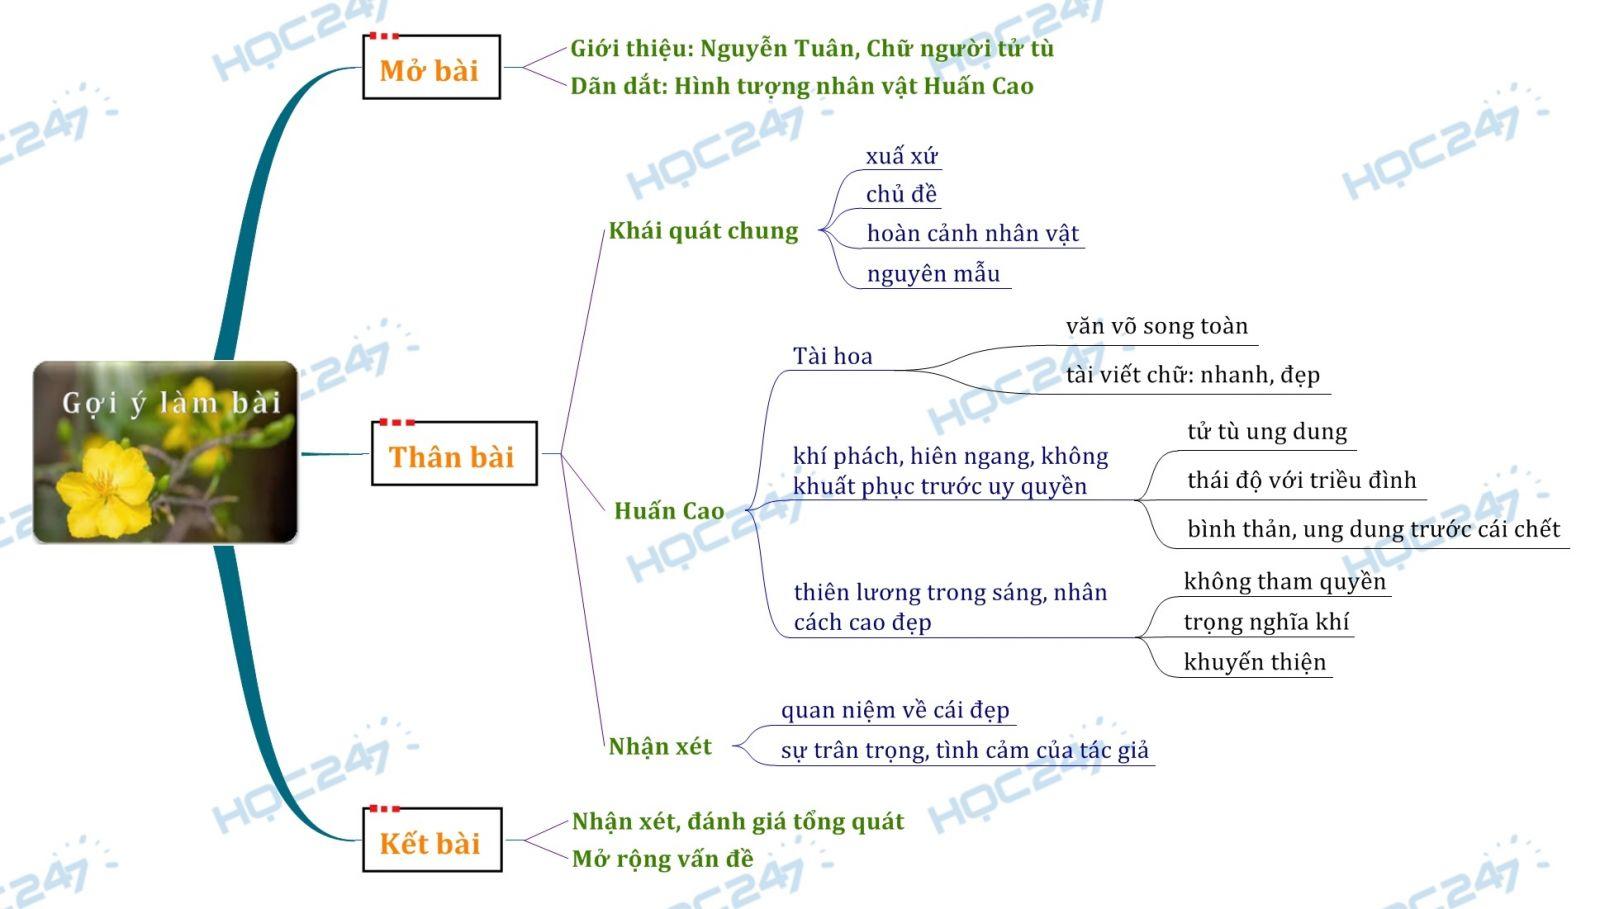 Sơ đồ tư duy Phân tích hình tượng nhân vật Huấn Cao trong tác phẩm Chữ người tử tù của Nguyễn Tuân